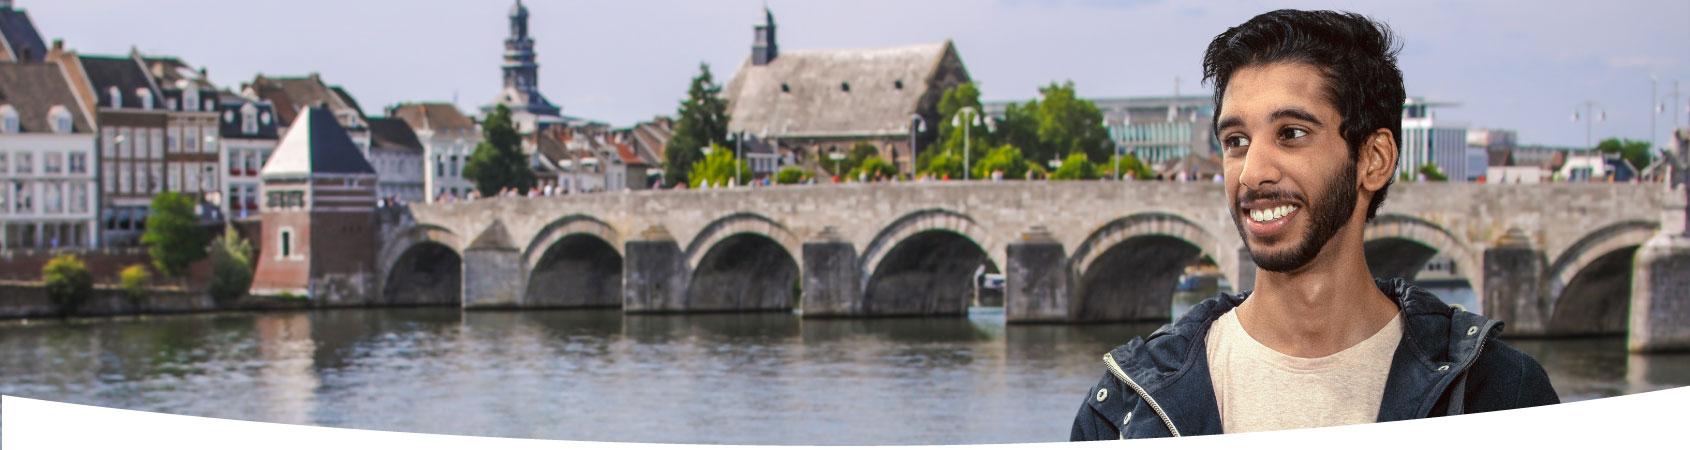 Jongen staat vlakbij rivier de Maas in Maastricht